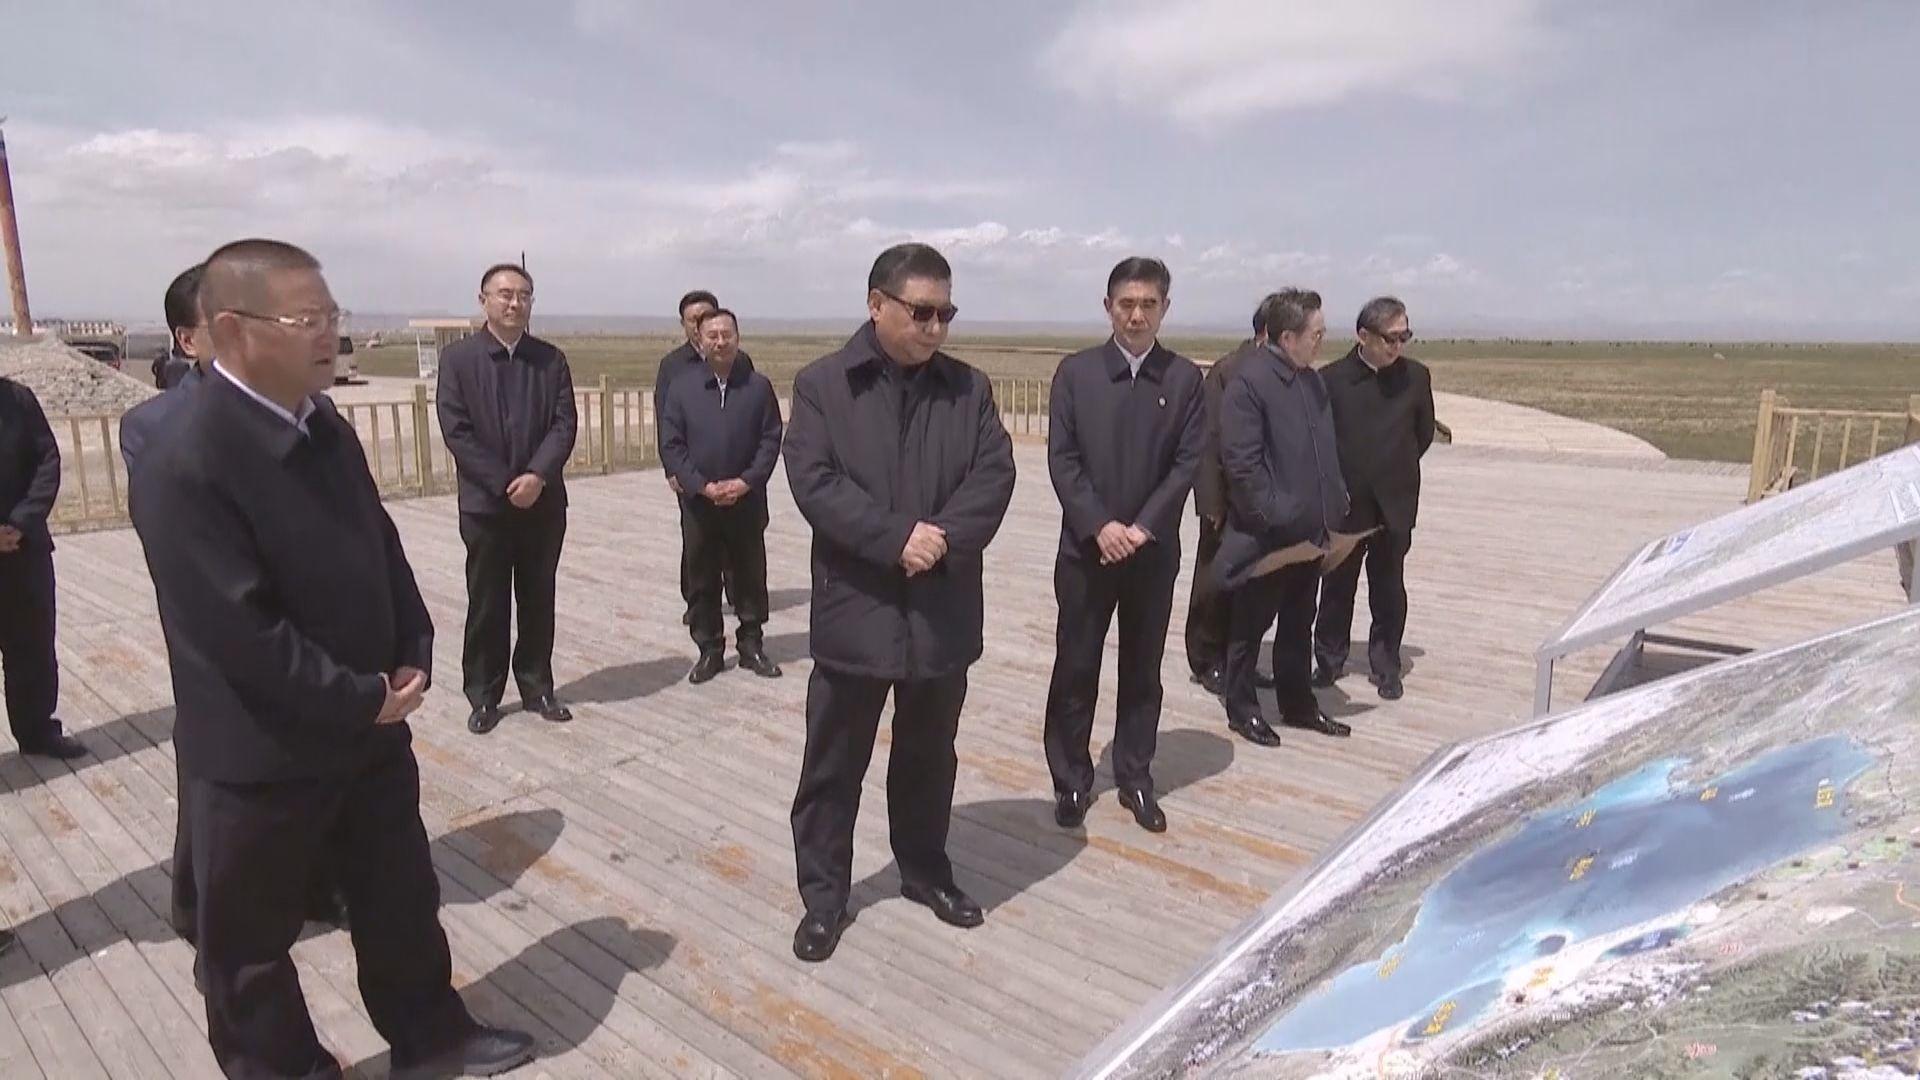 習近平視察青海湖 強調要保護生態資源